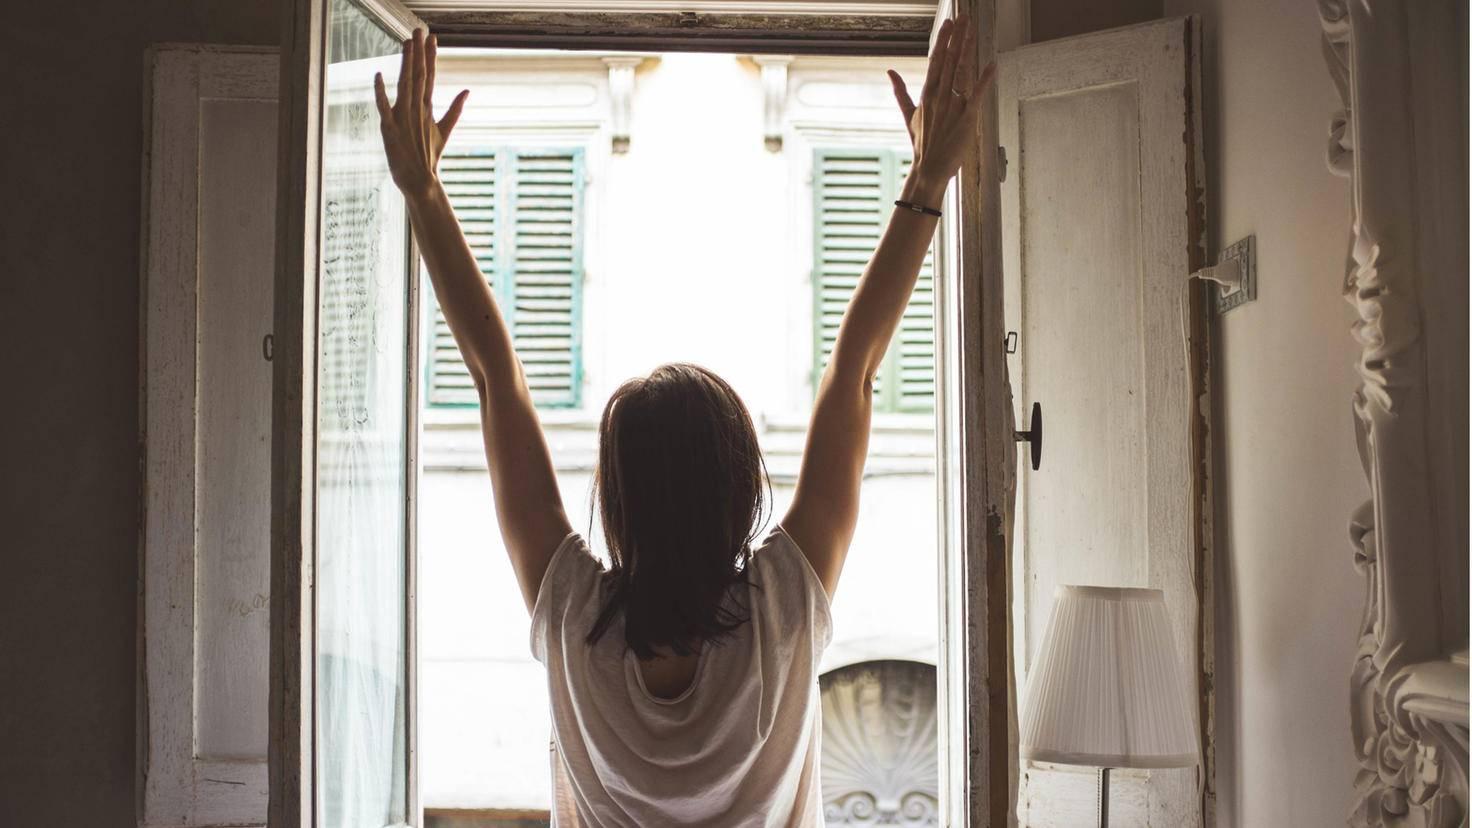 Frischer Sauerstoff im Schlafgemach sorgt für einen erholsamen Schlaf.